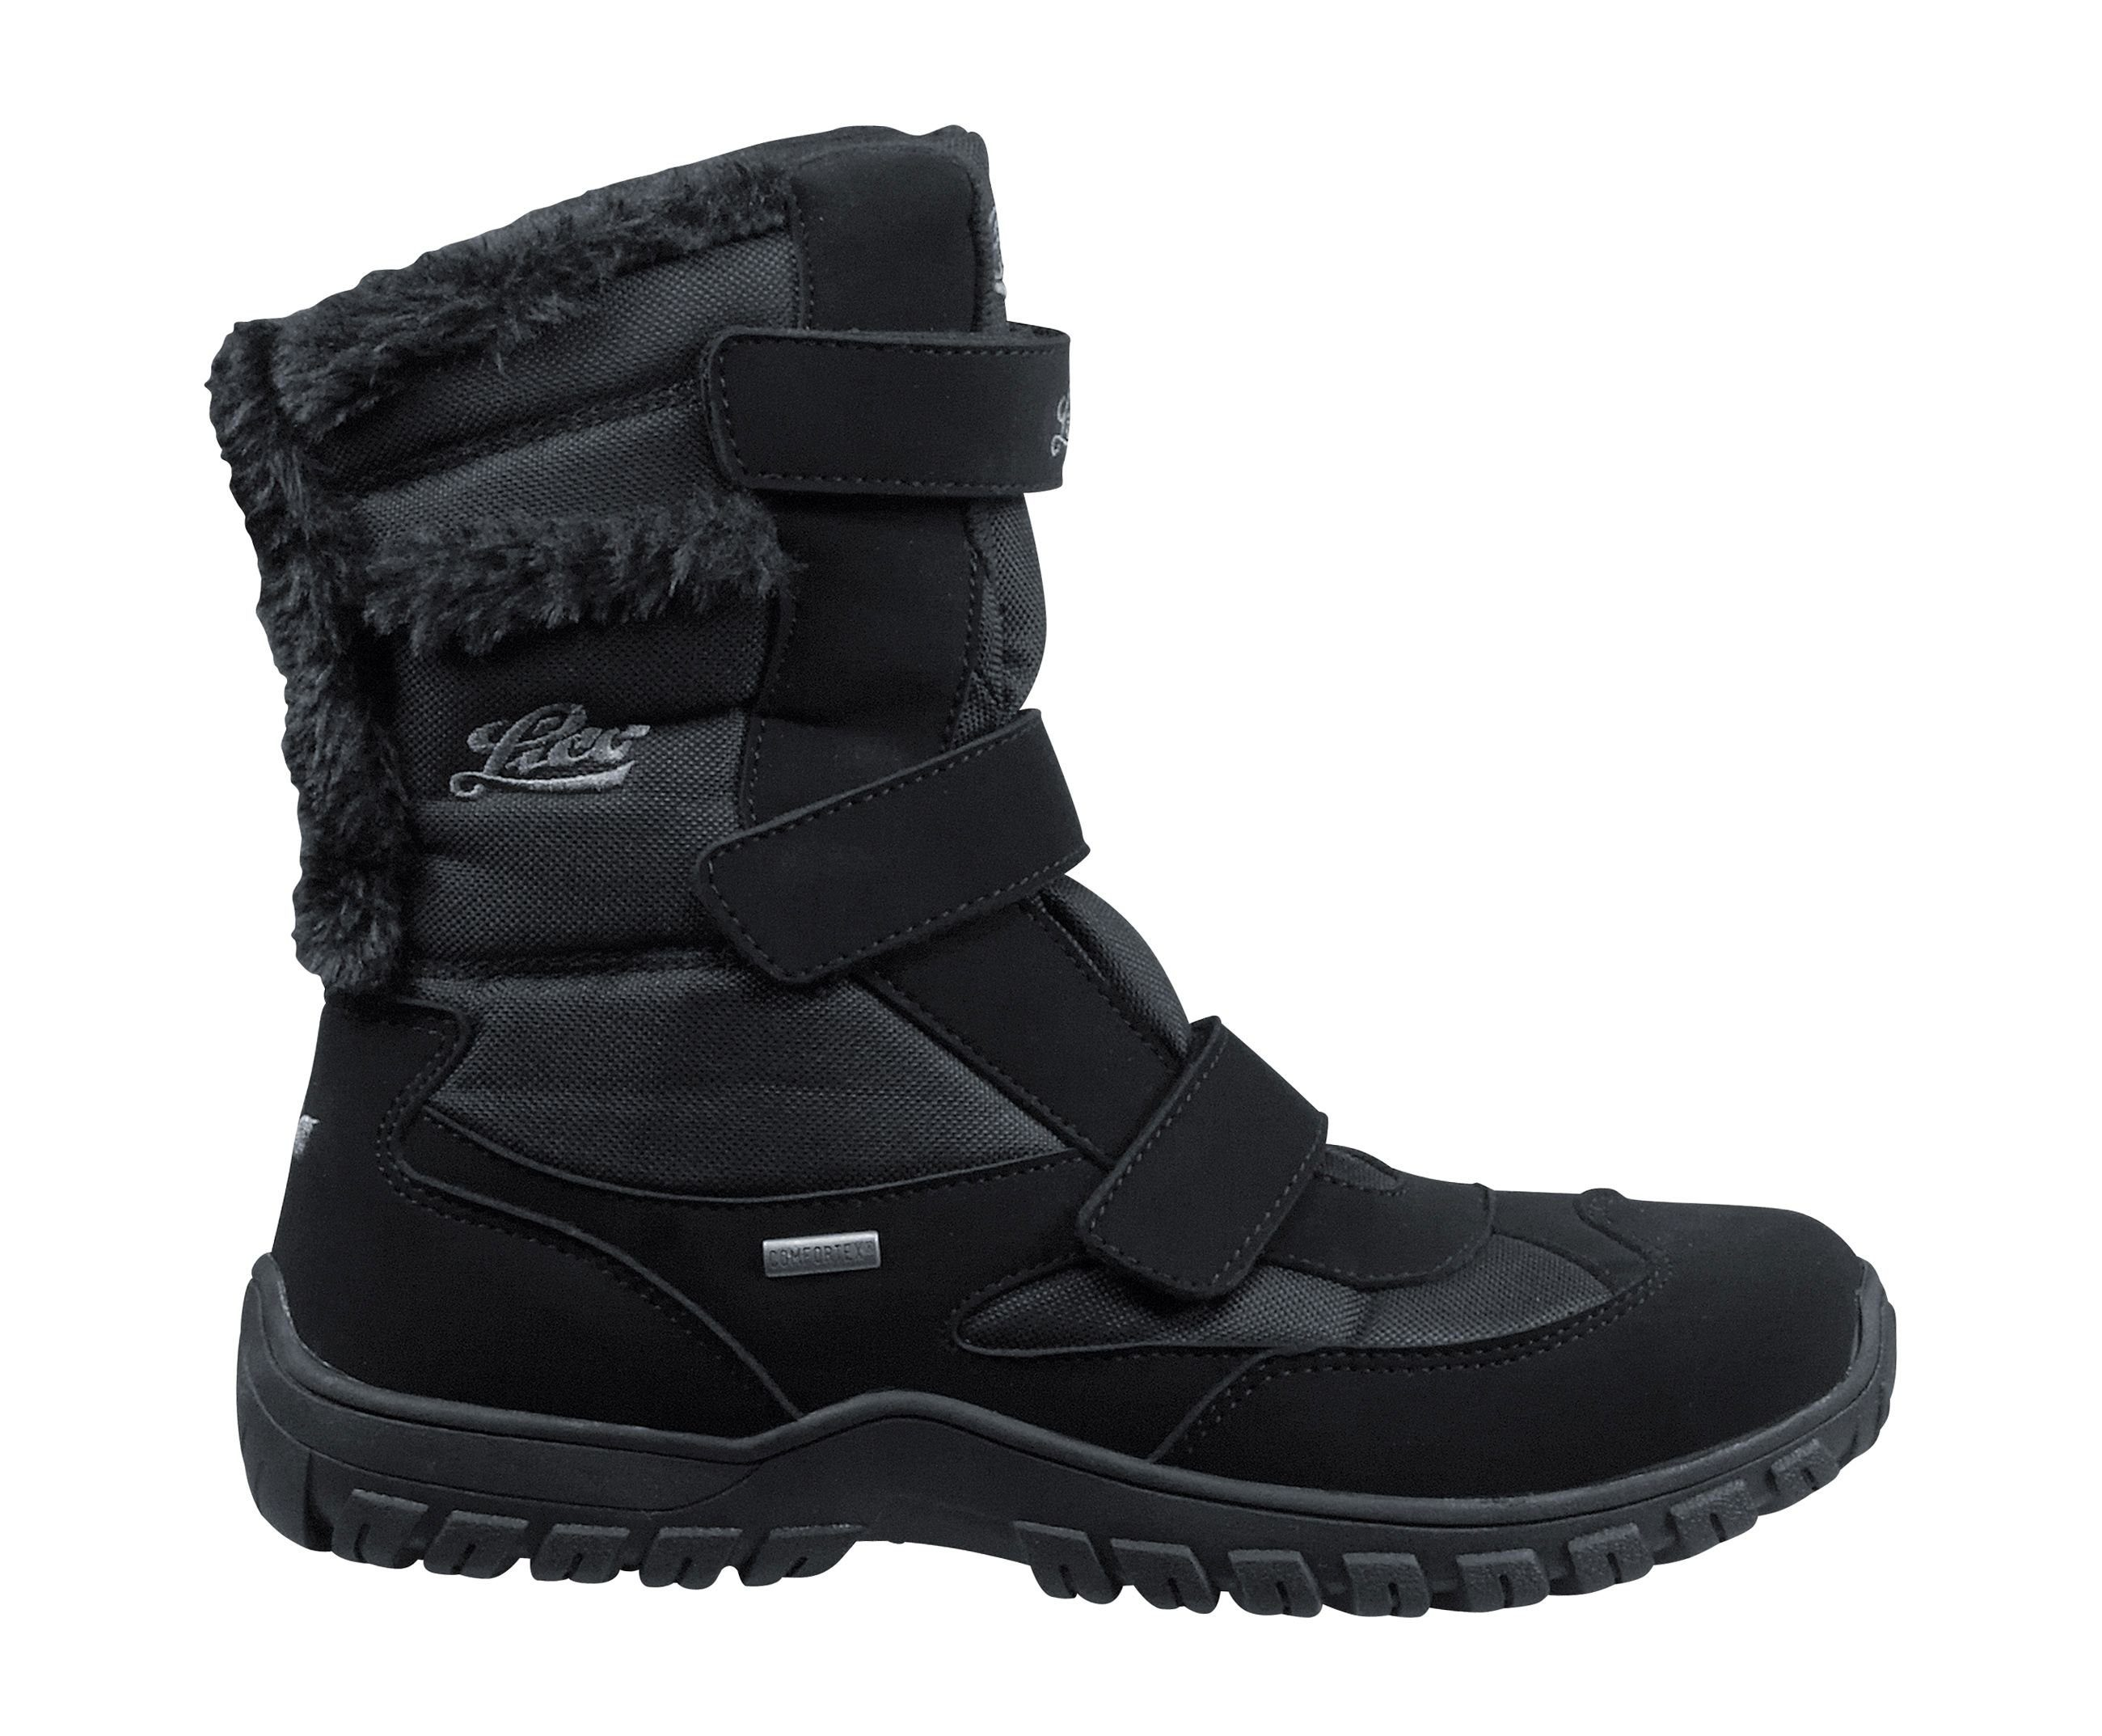 Bottes D'hiver Noires 41 Par Lico eKljXc